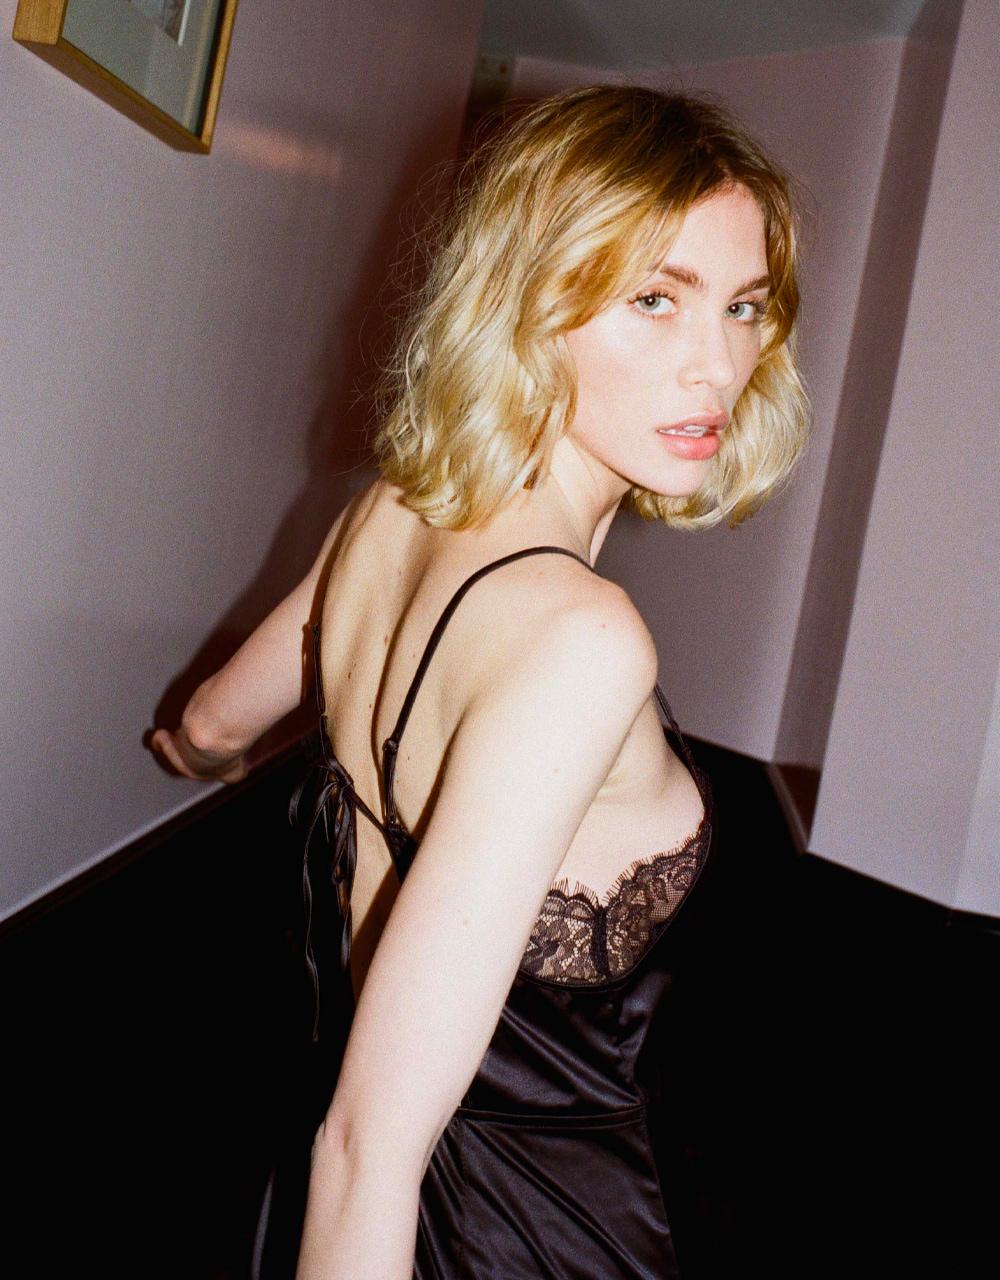 lingerie  Charlie Dress Noir Storm 45 € Girls In Paris photo 5